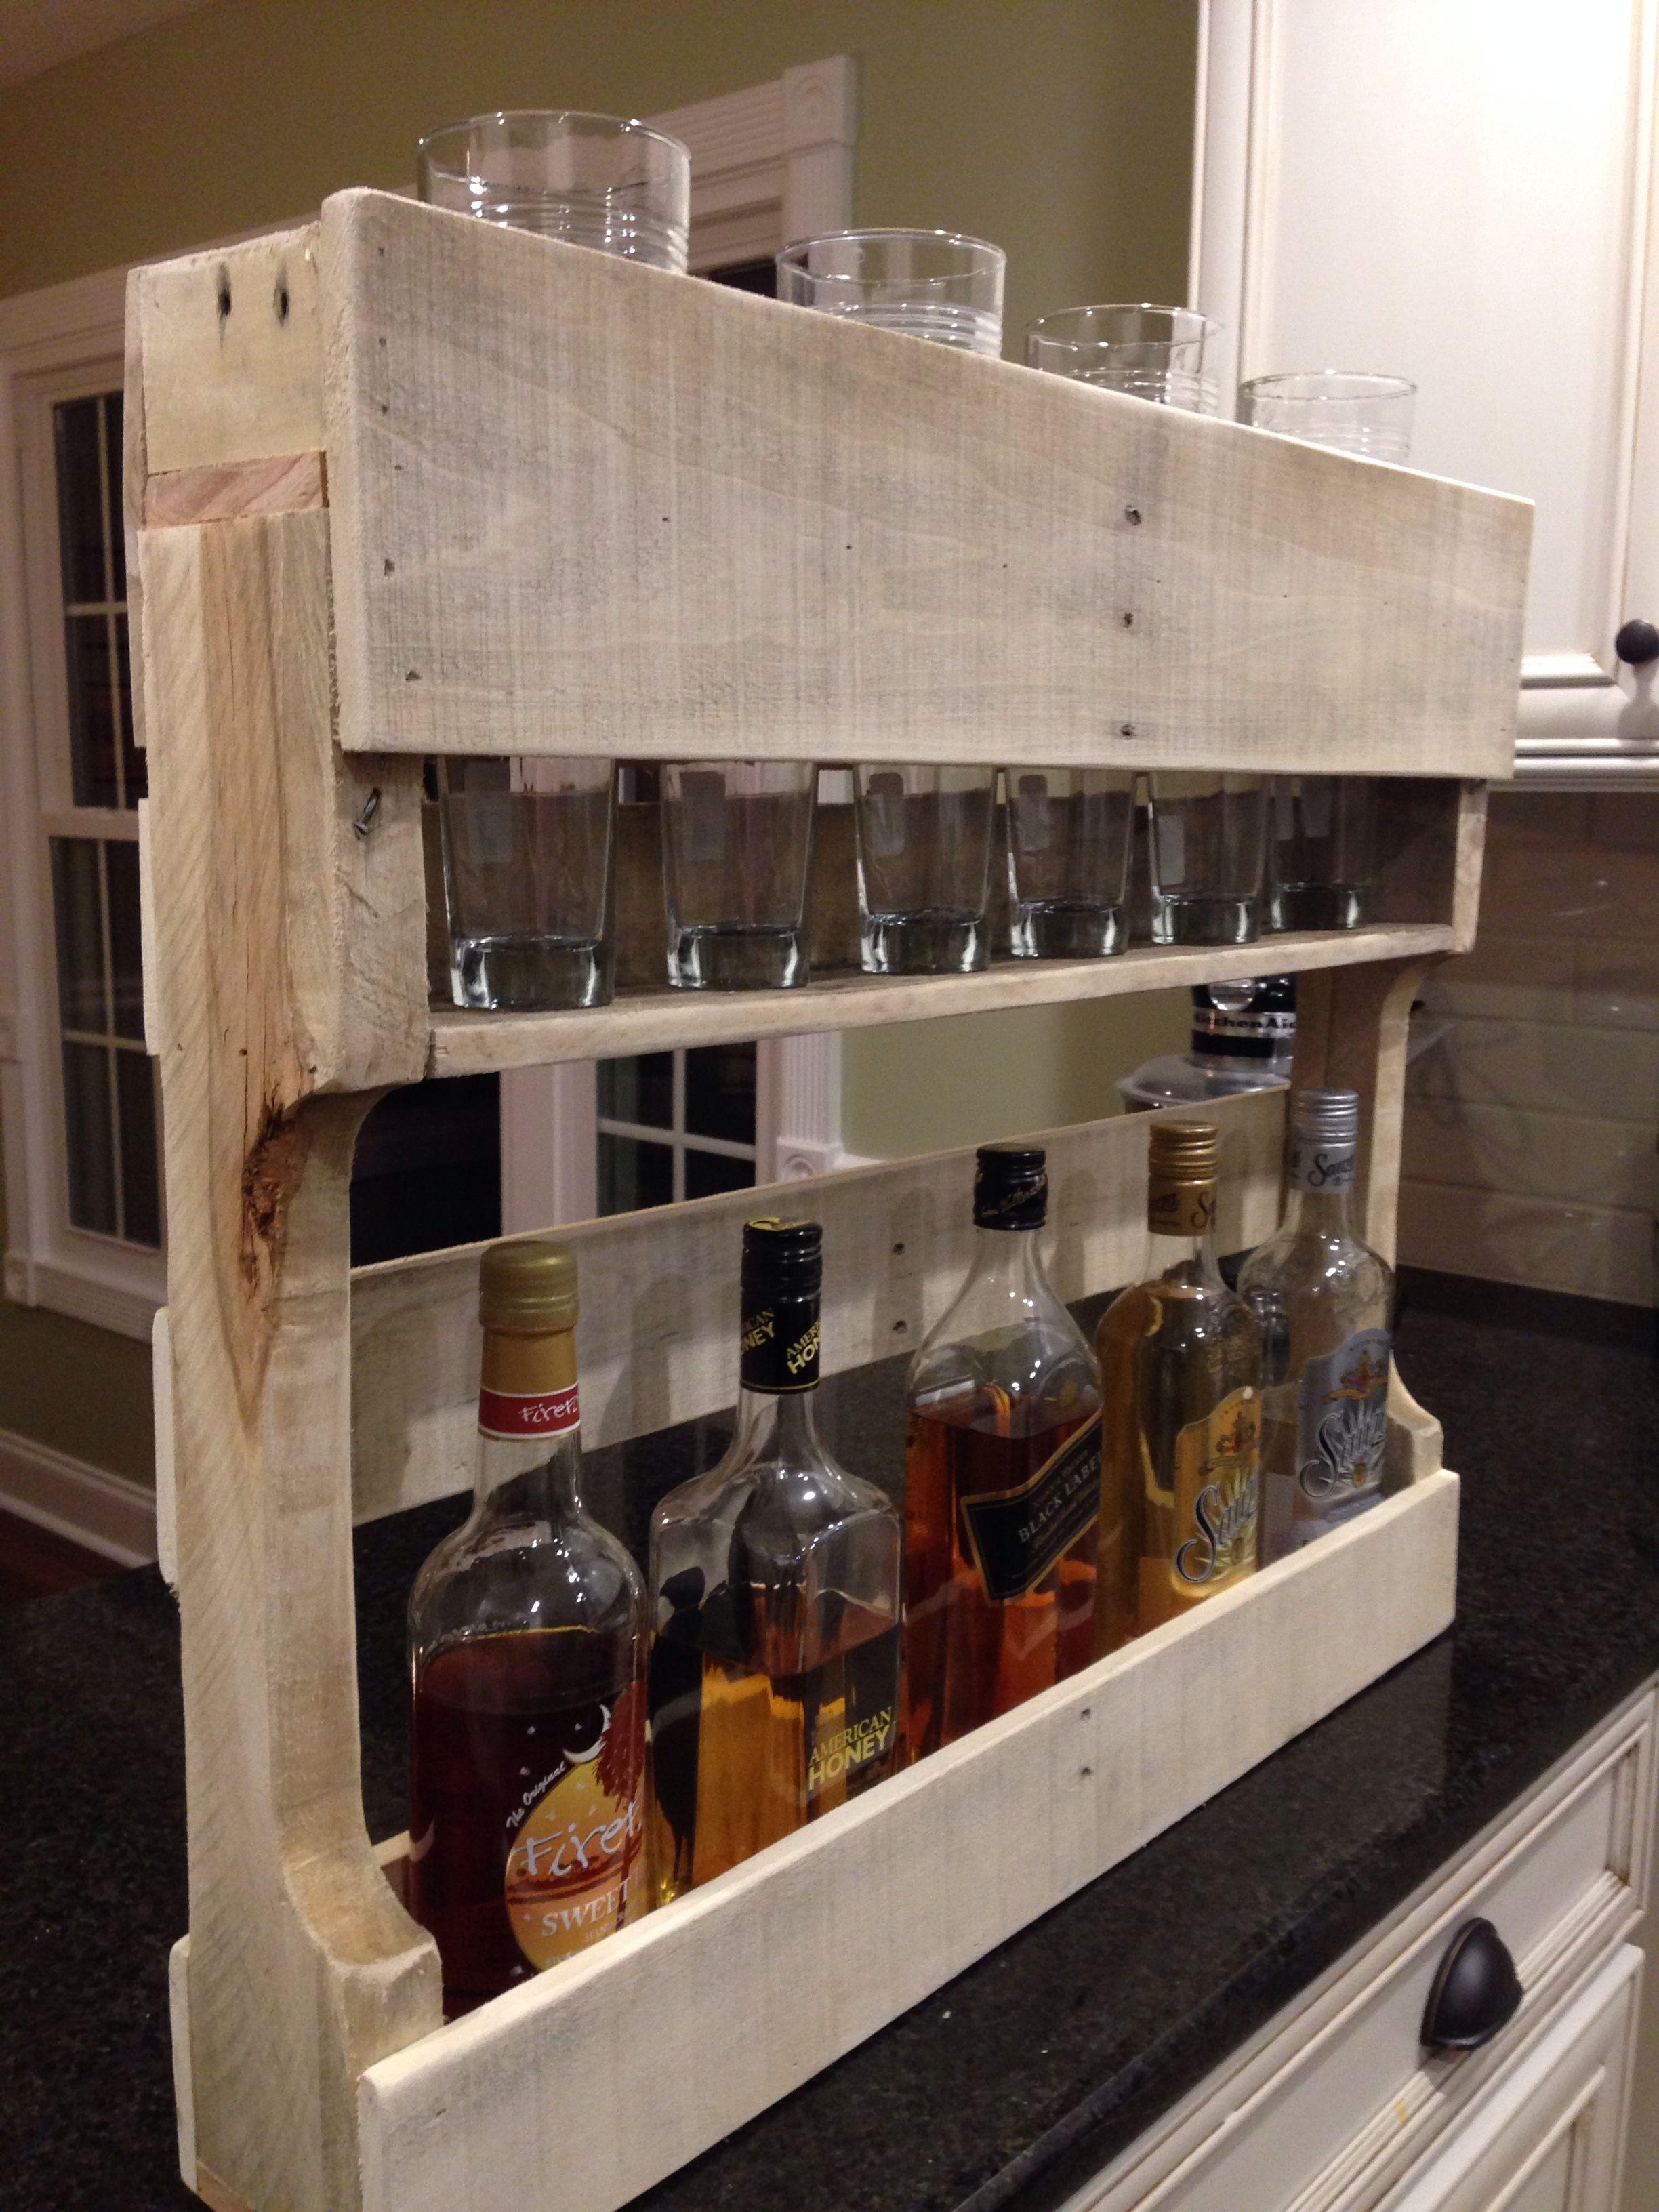 Liquor Rack I Made Holds Shot Glasses Whiskey Glasses And Of